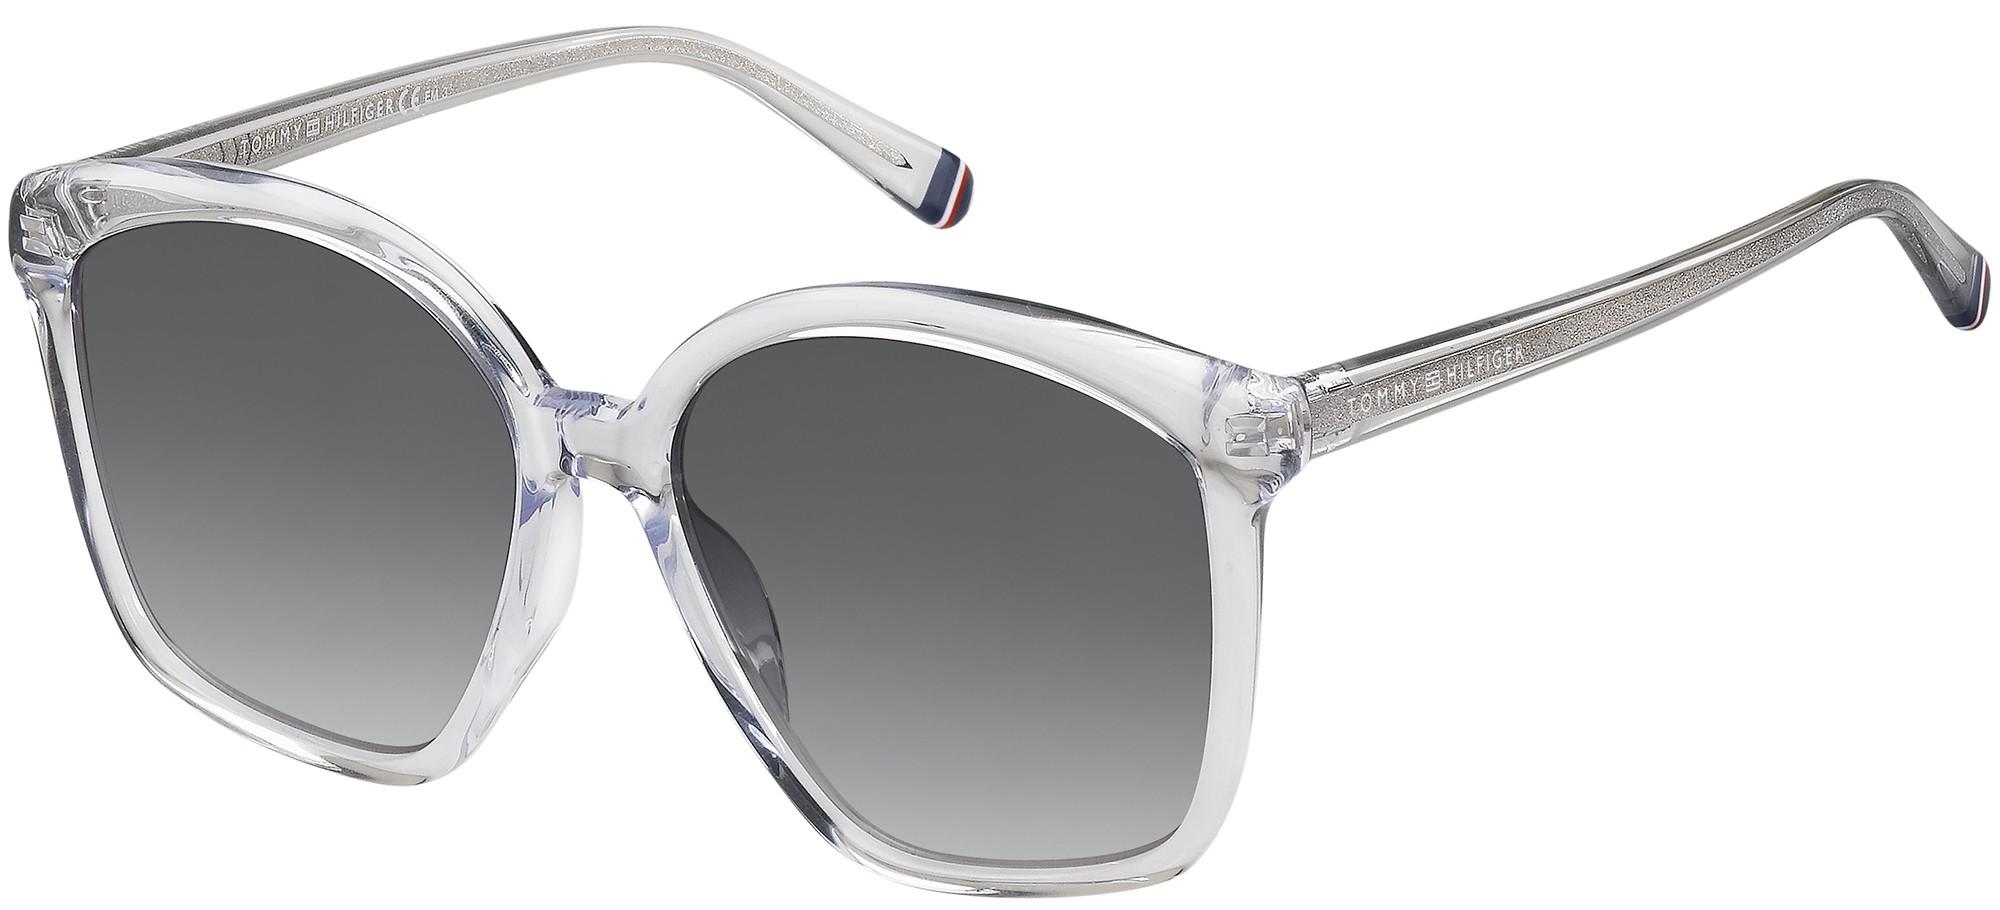 Tommy Hilfiger solbriller TH 1669/S